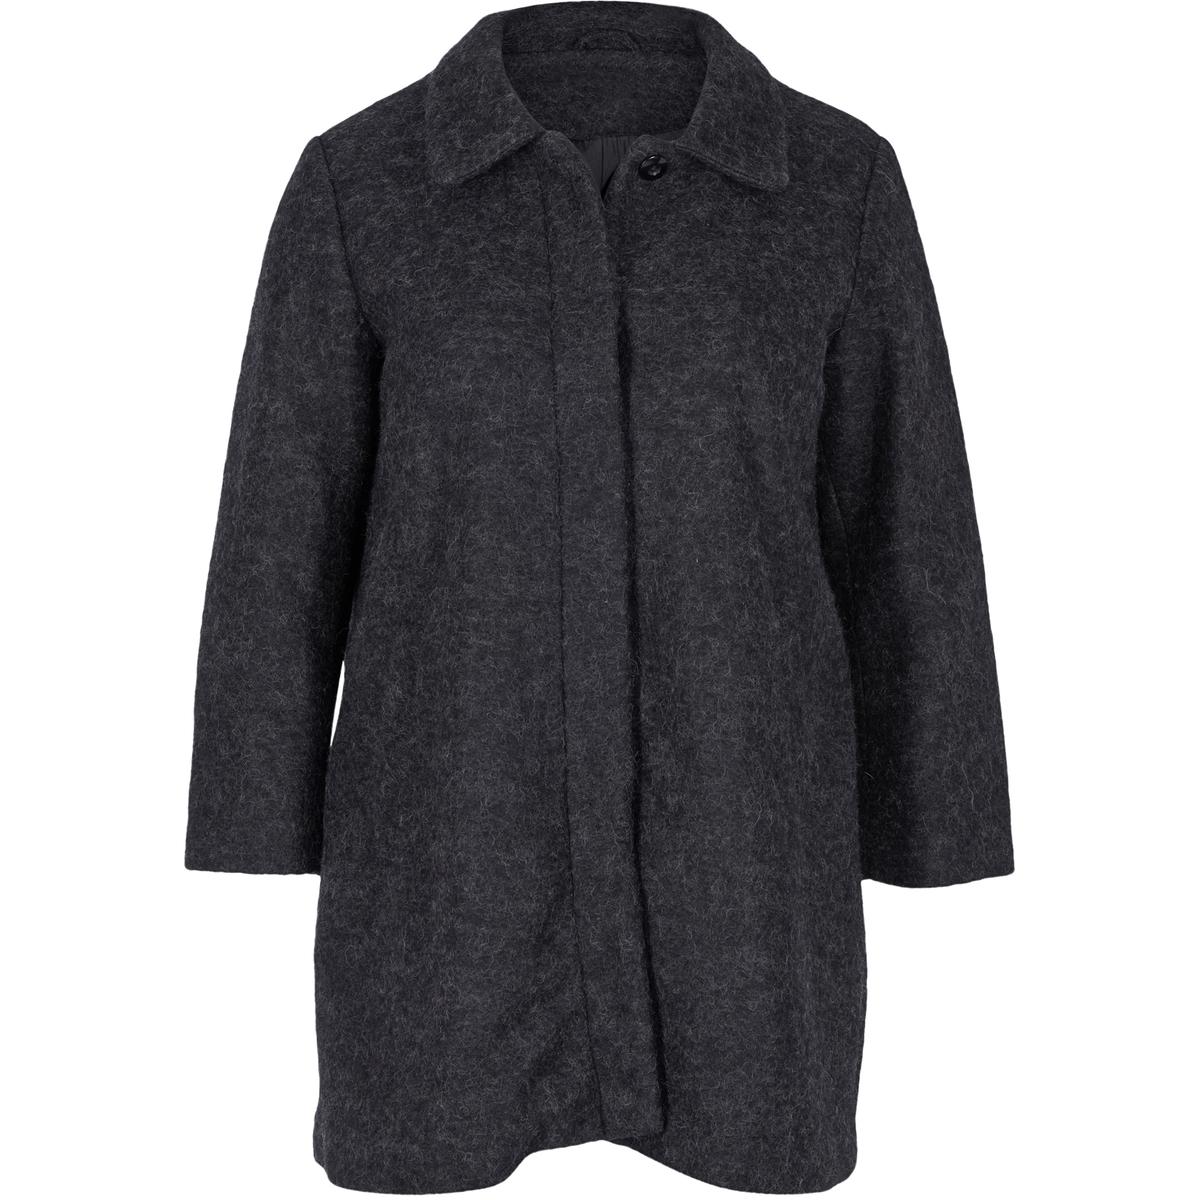 Пальто, 60% шерстиКрасивое пальто Zizzi. Шерсть высокого качества. Прямой покрой, скрытая застежка на пуговицы. 2 кармана спереди.<br><br>Цвет: серый<br>Размер: 46 (FR) - 52 (RUS)